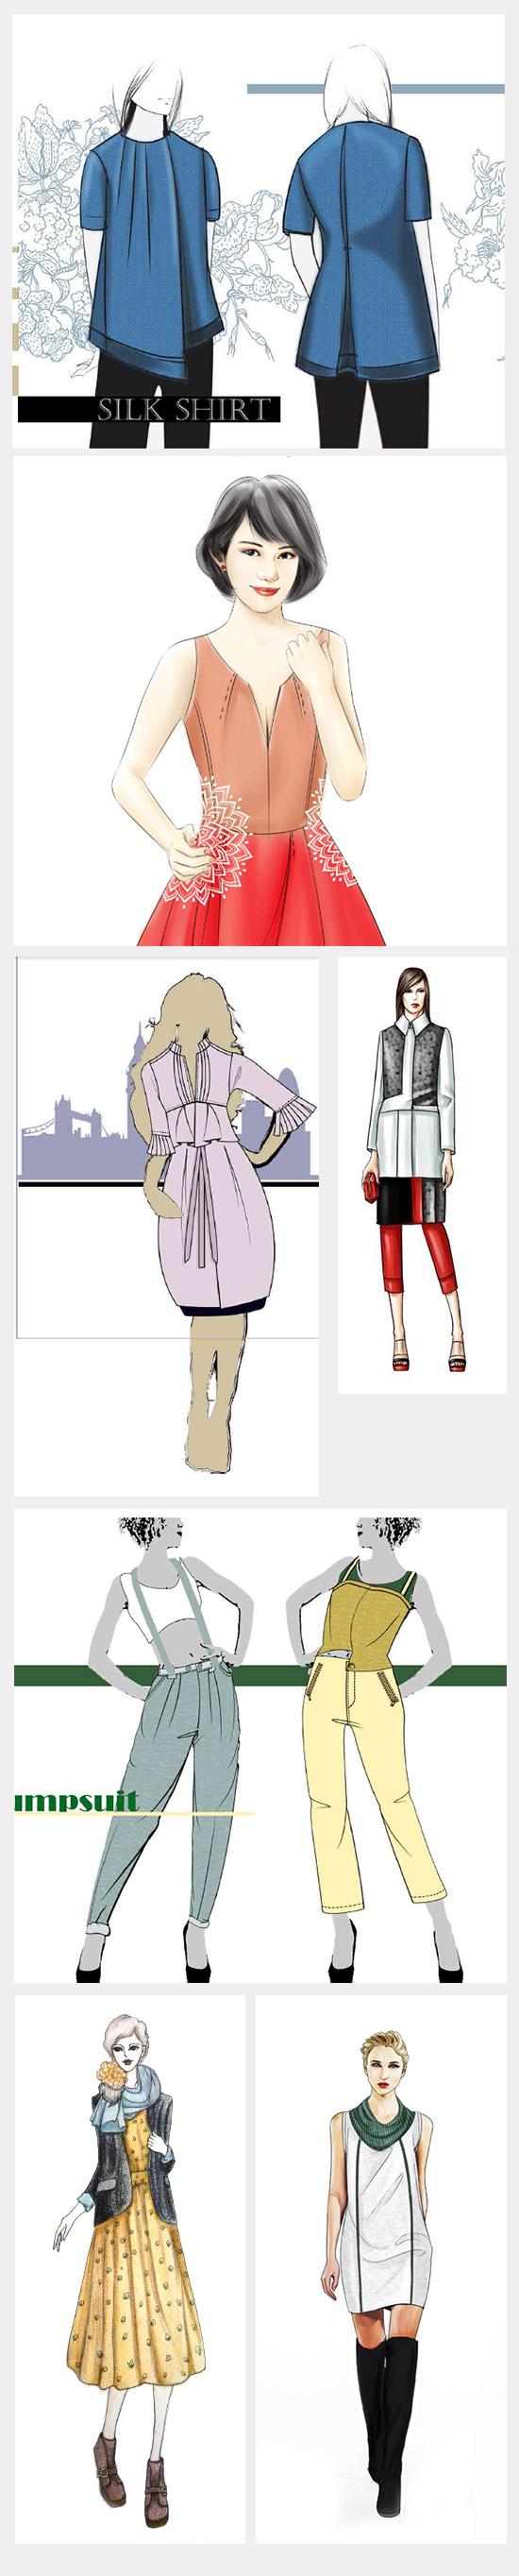 服装设计手绘-人物动态表现篇